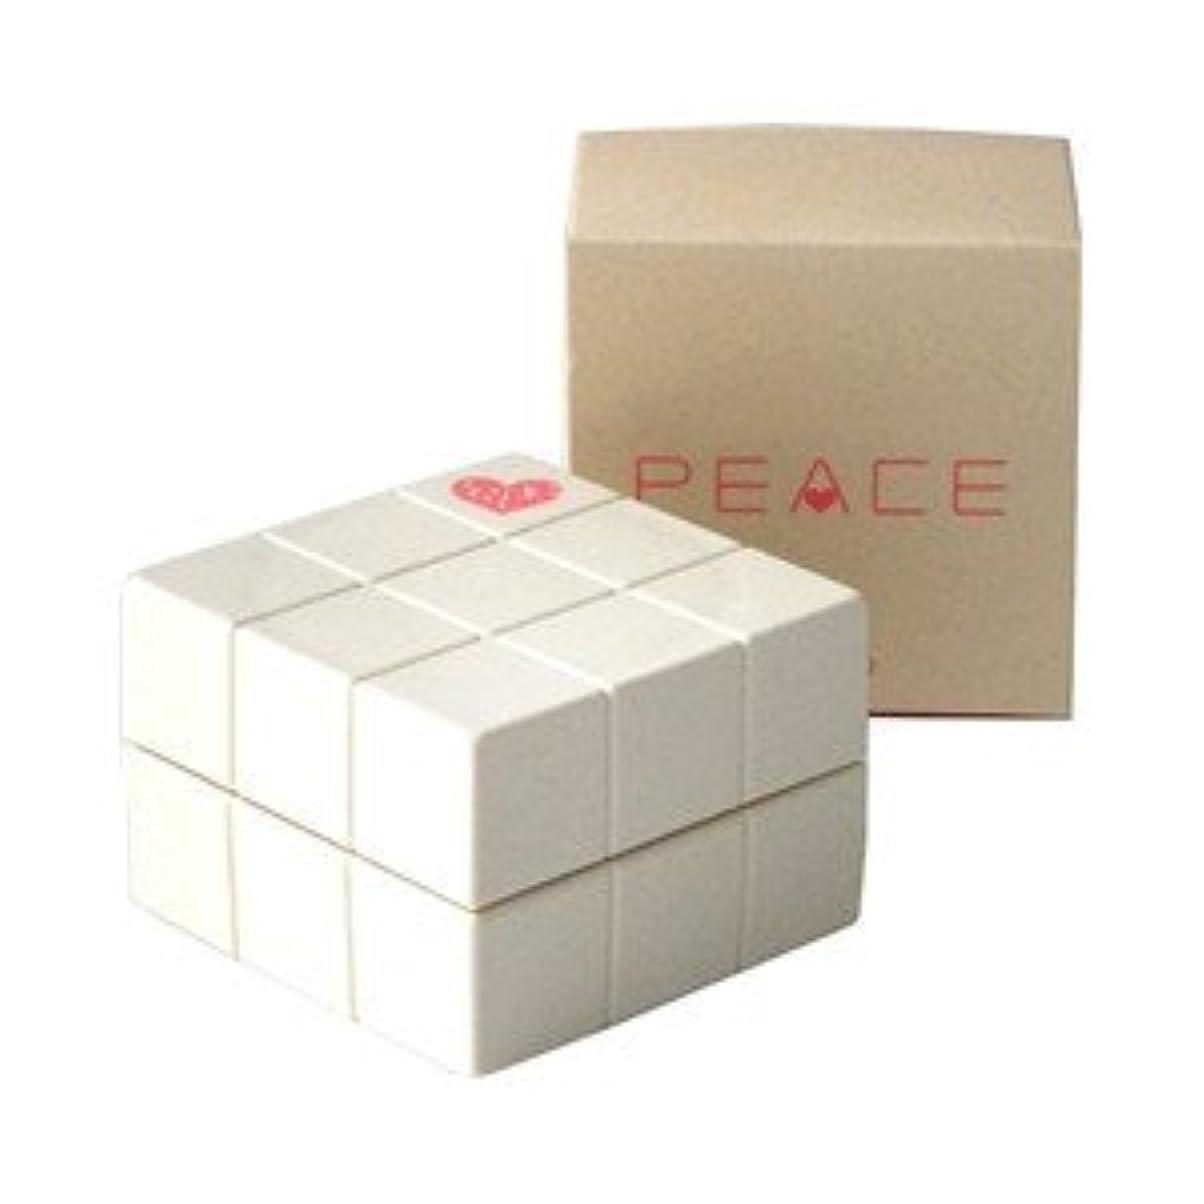 トークントラブル殺しますアリミノ ピース プロデザイン ニュアンスワックス40g ×2個 セット arimino PEACE